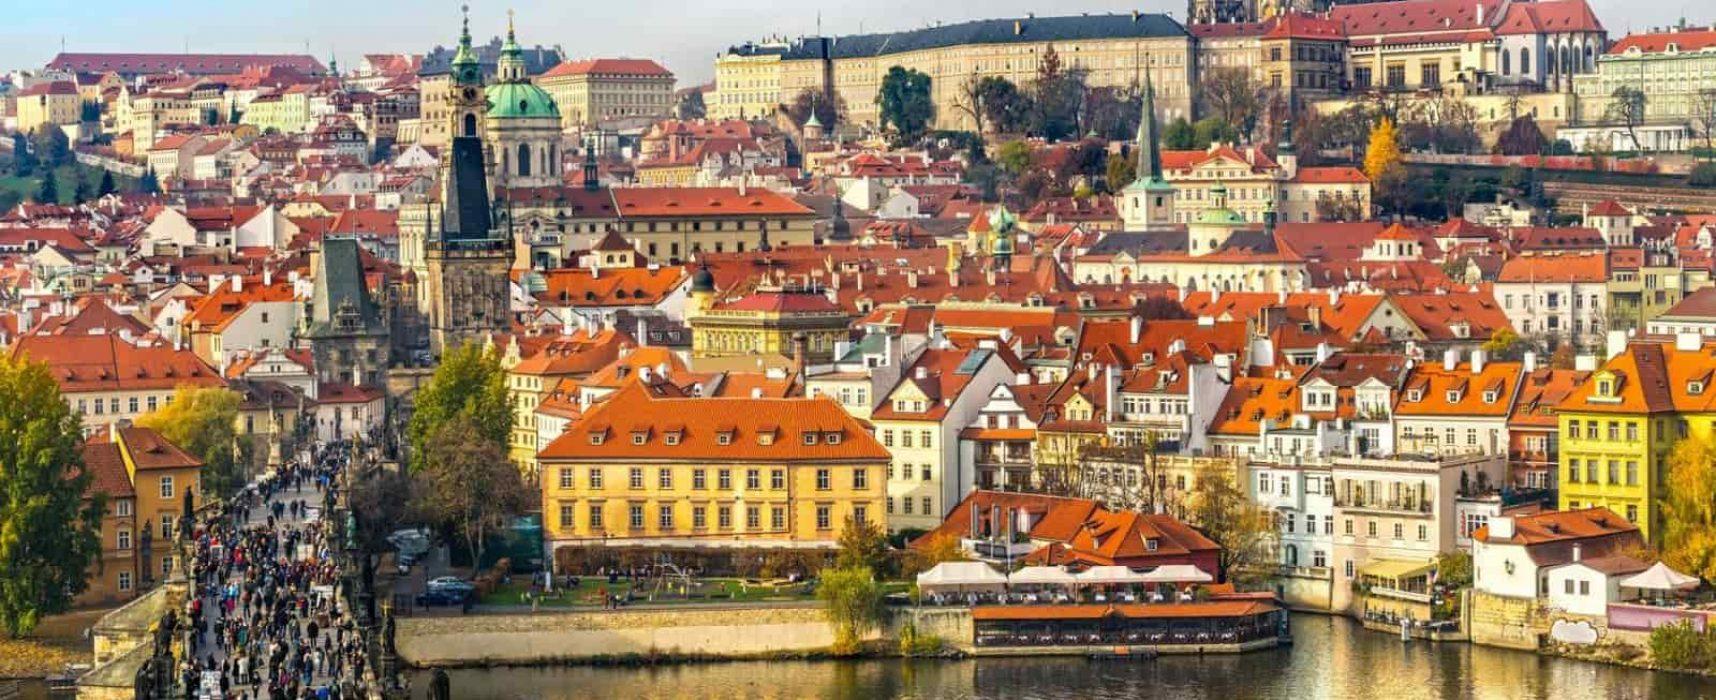 МЗС Росії звинувачує Чехію в «дезінформації про рицину в дипбагажі». Але цю інформацію вкинув російський дипломат